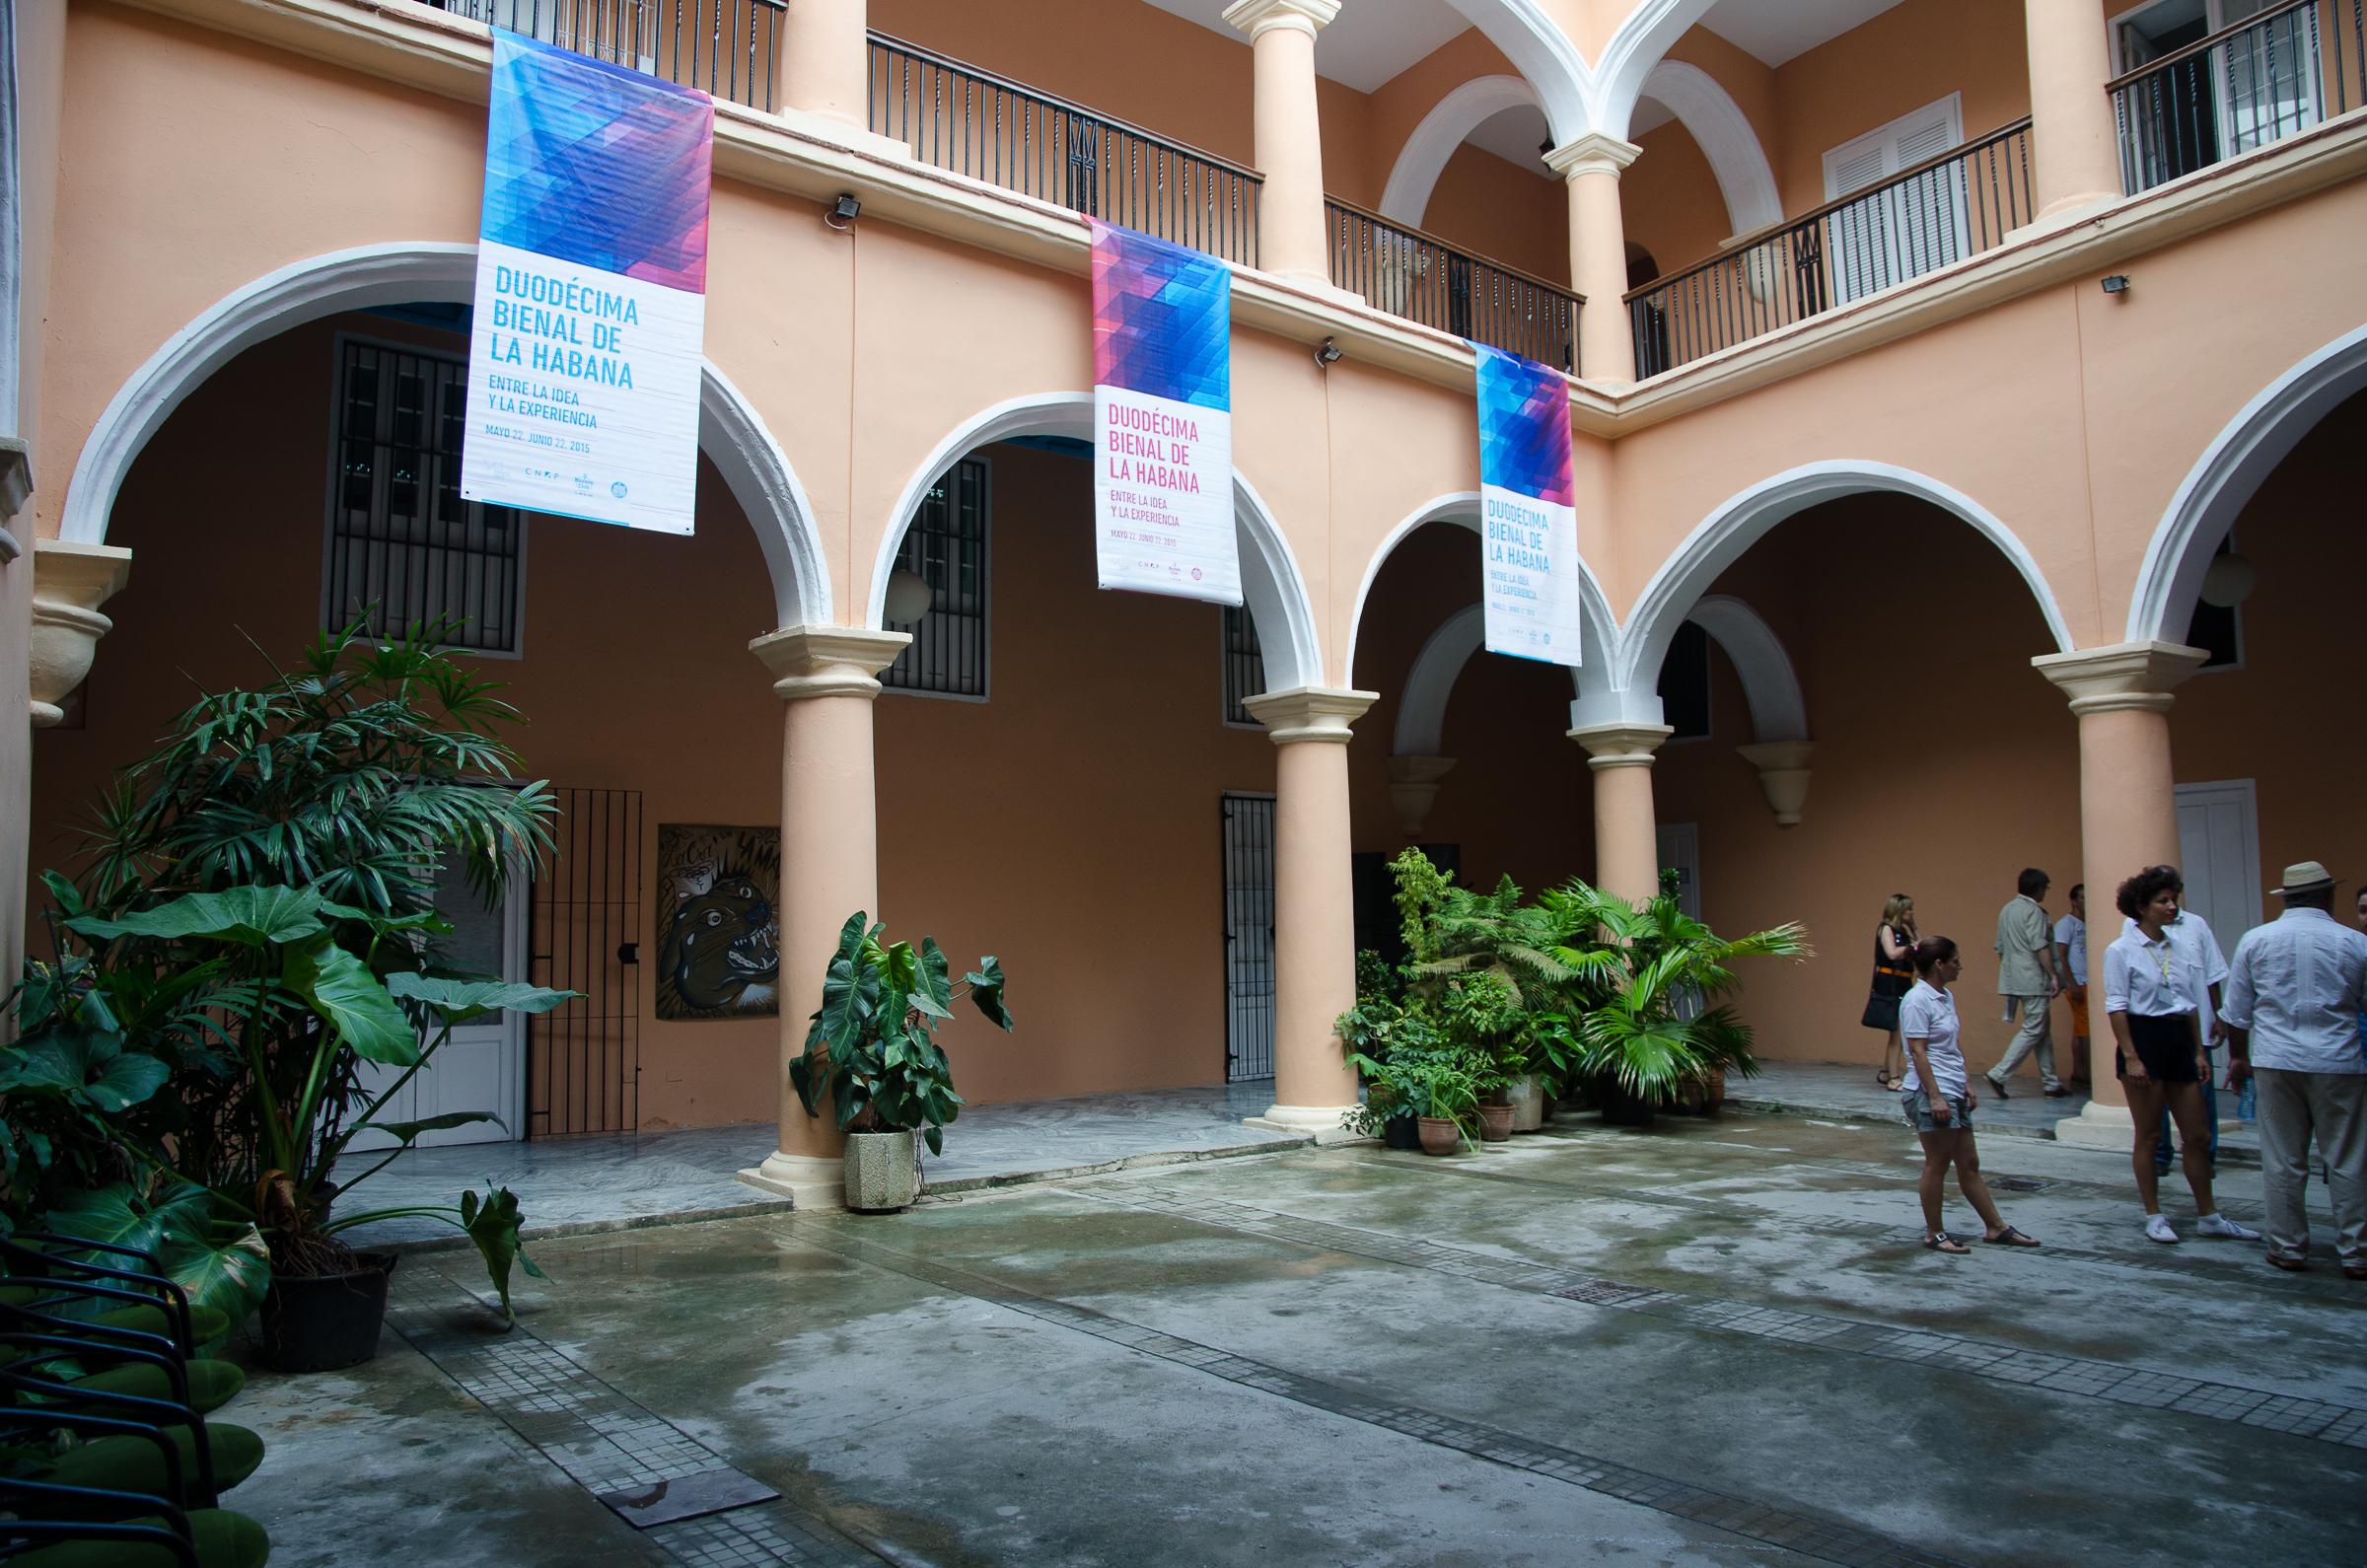 XII-Havana-bienal-Beatriz-Gerenstein-7